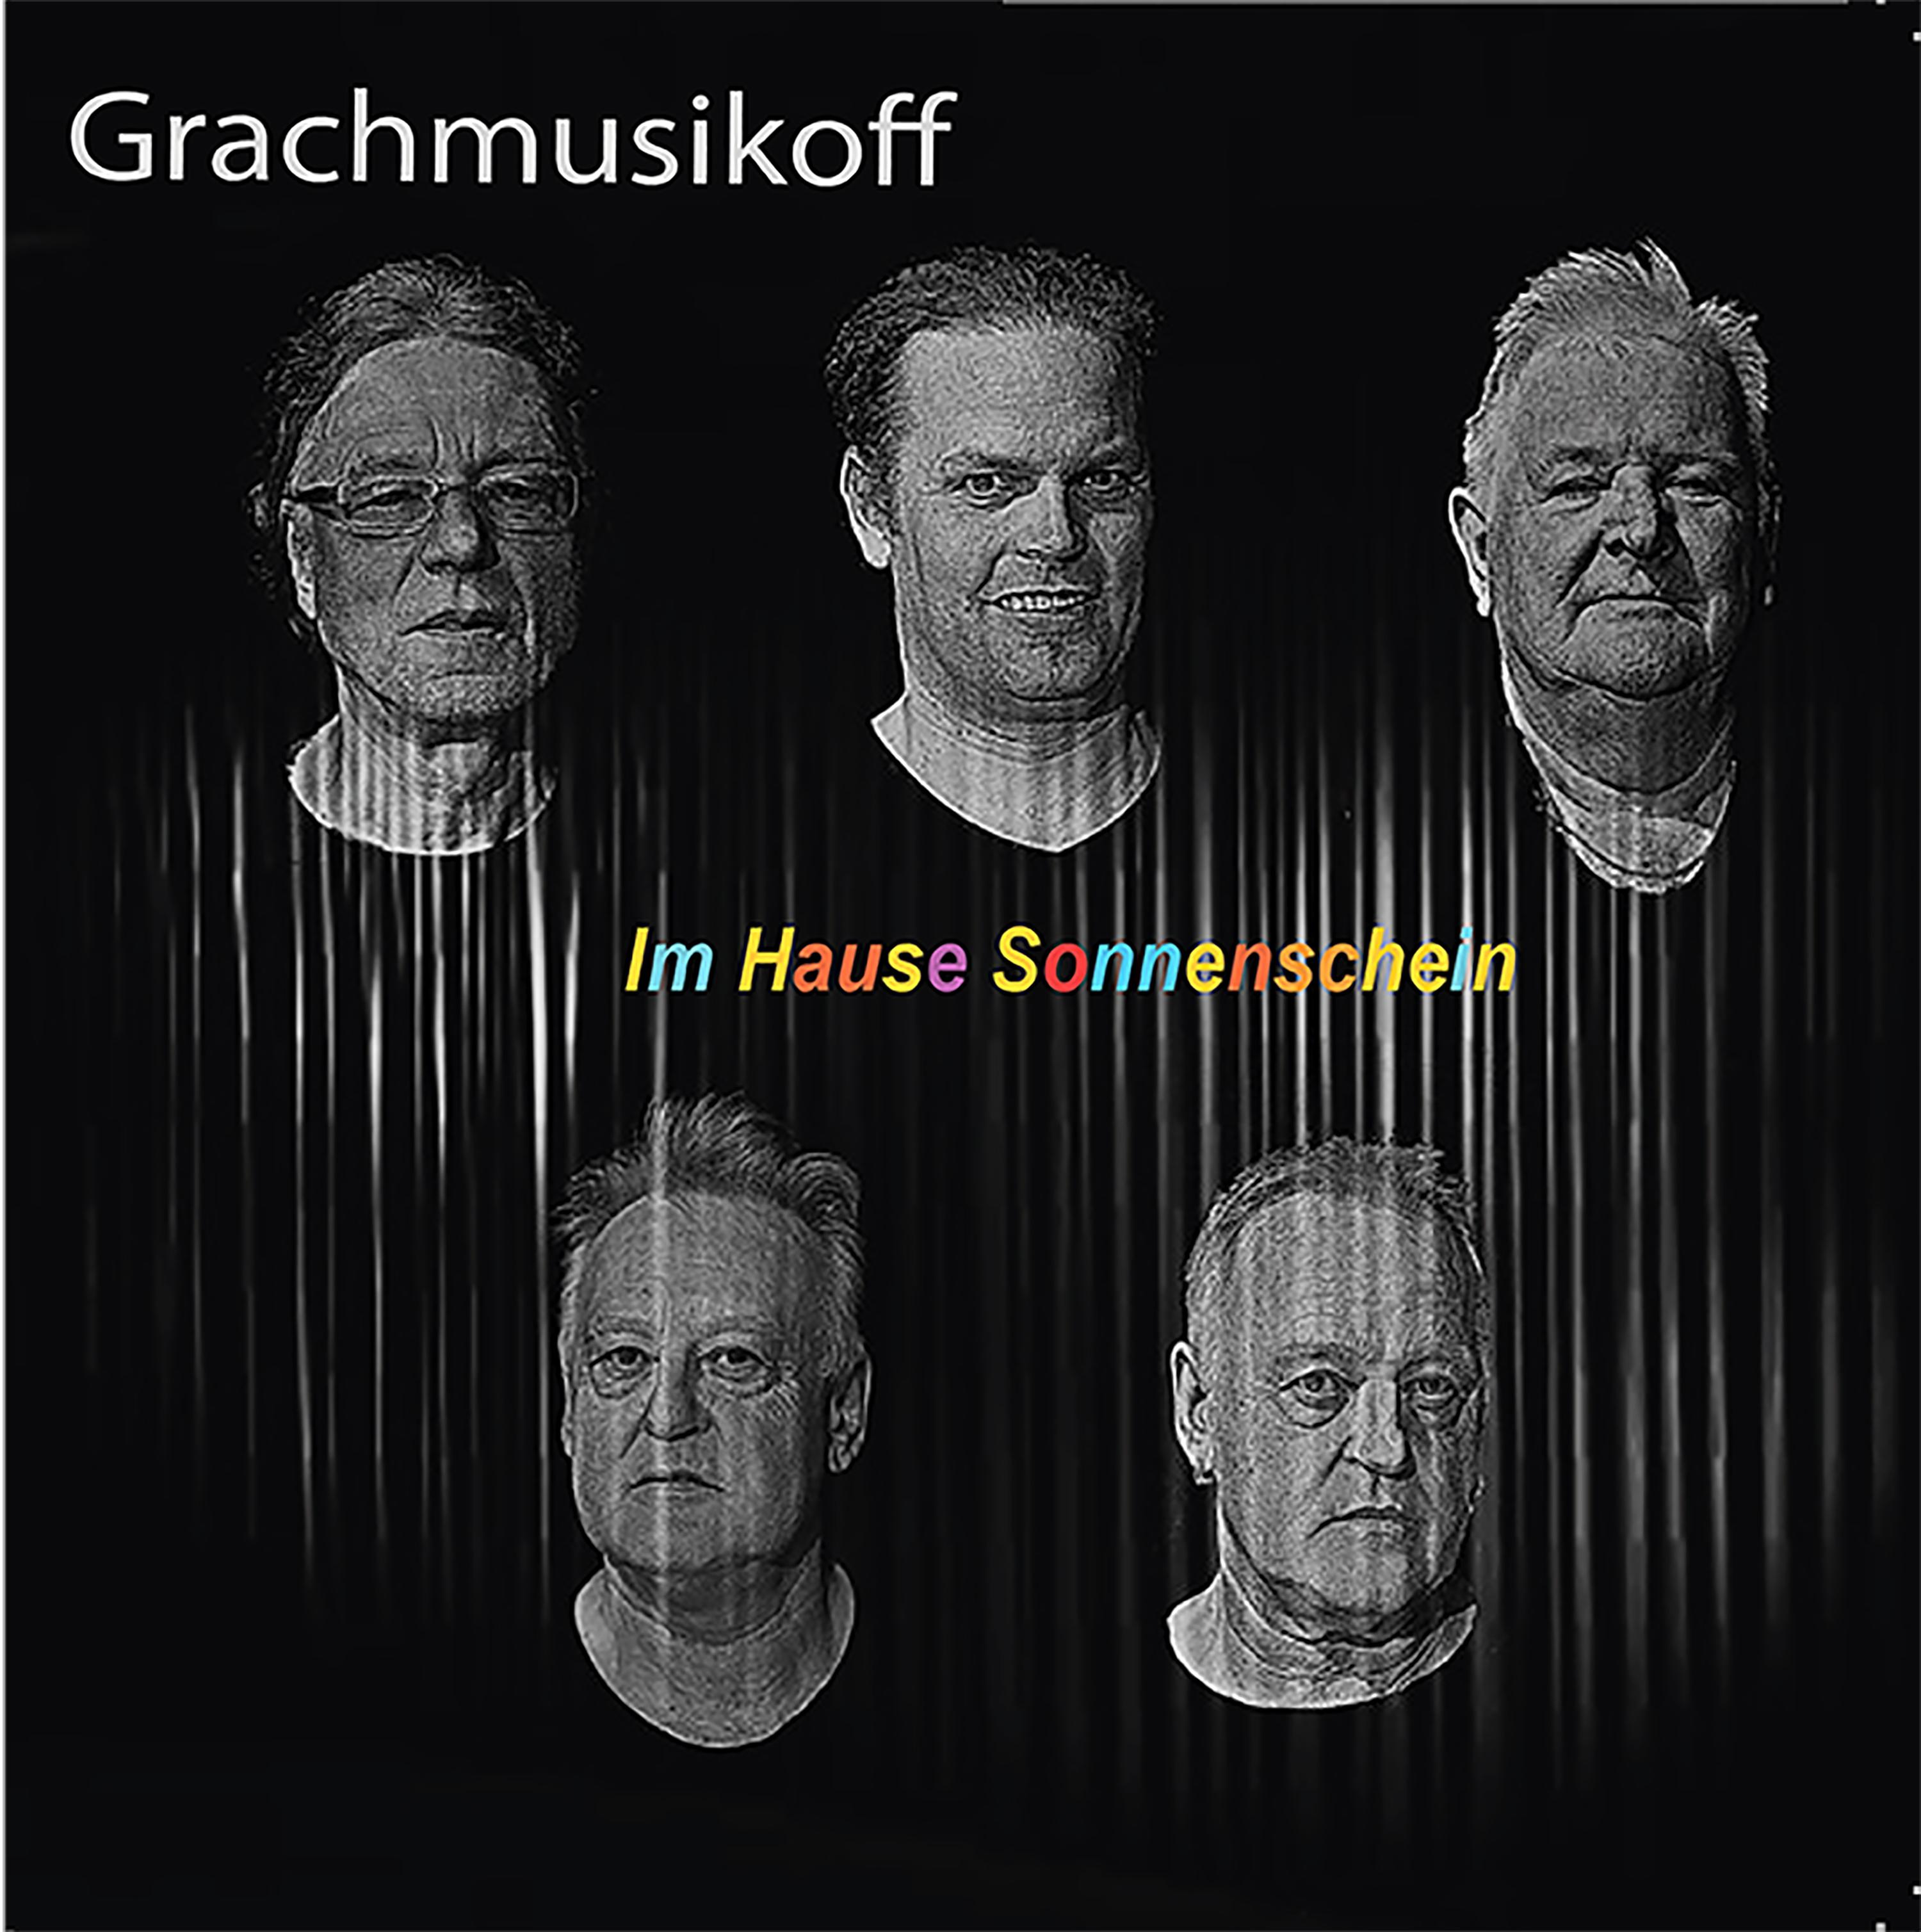 Im Hause Sonnenschein (CD 2017)